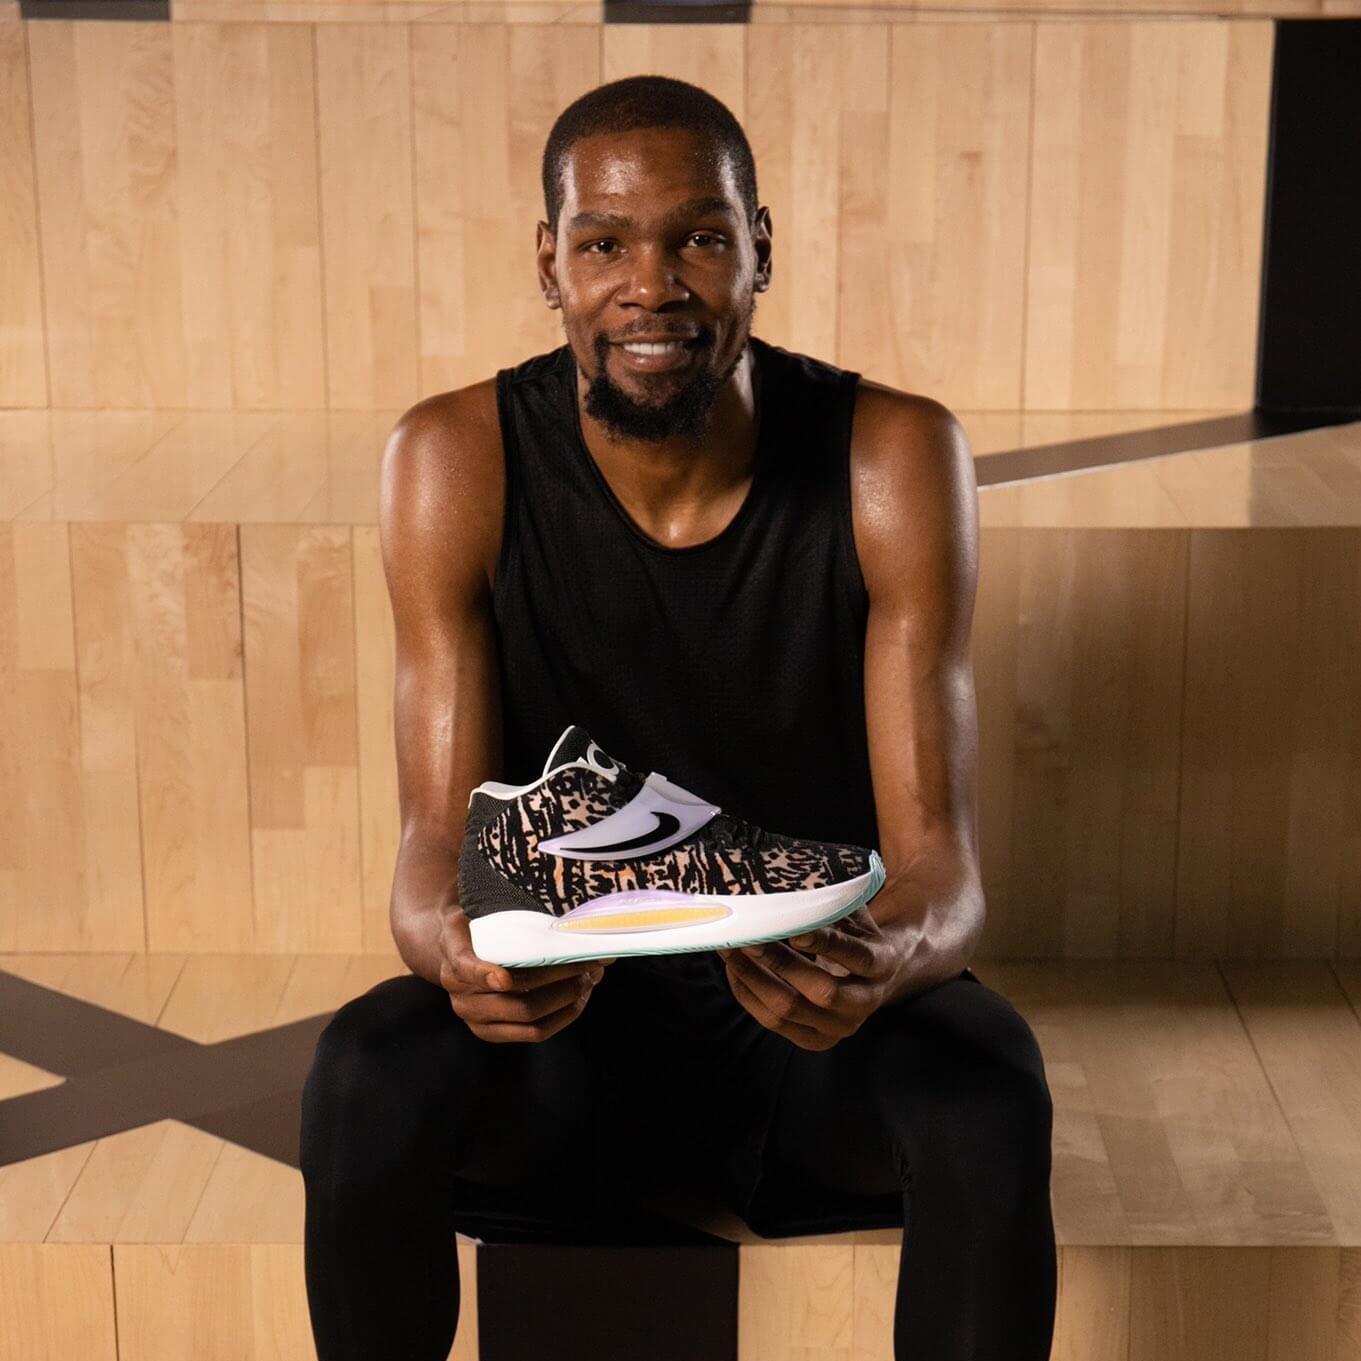 Oficialiai pristatyti Nike KD 14 krepšinio kedai